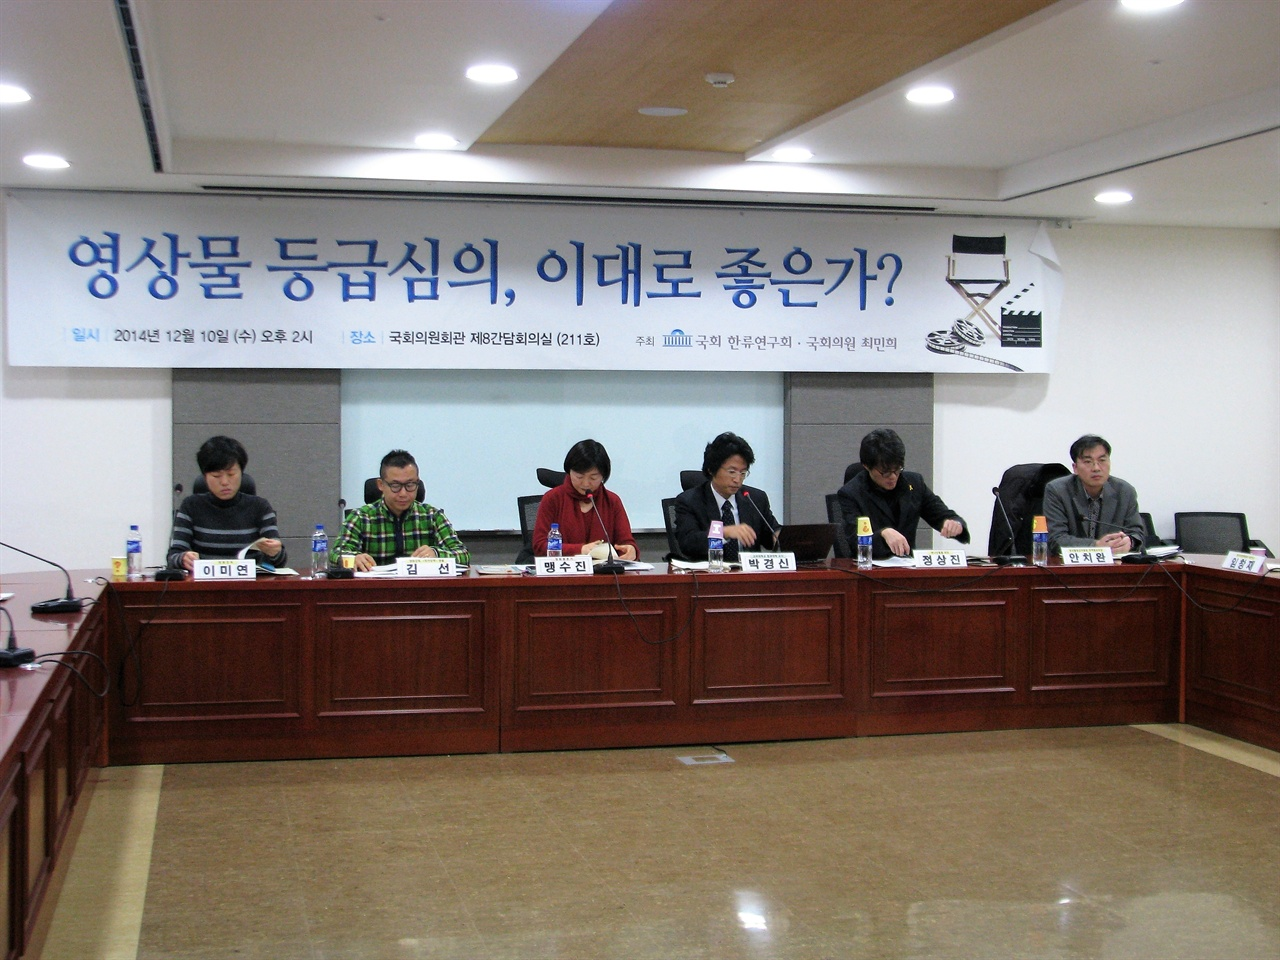 지난 2014년 국회에서 열린 영등위 관련 토론회에 참석해 영화계 입장을 이야기했던 이미연 감독(왼쪽)